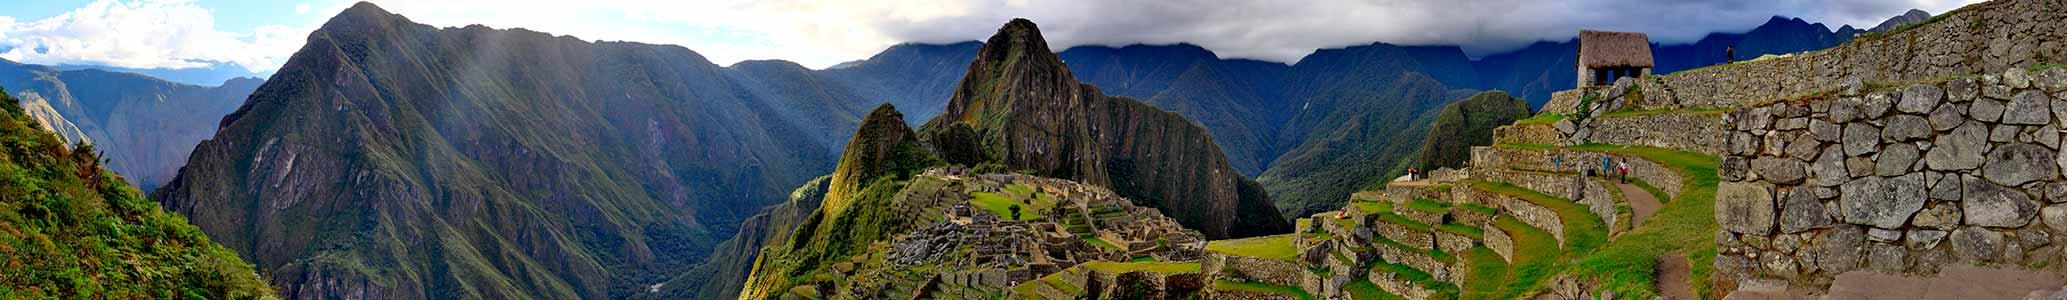 Tour Peru – Cusco Wonderfull 5 Days / 4 Nights – PERU TOURIST